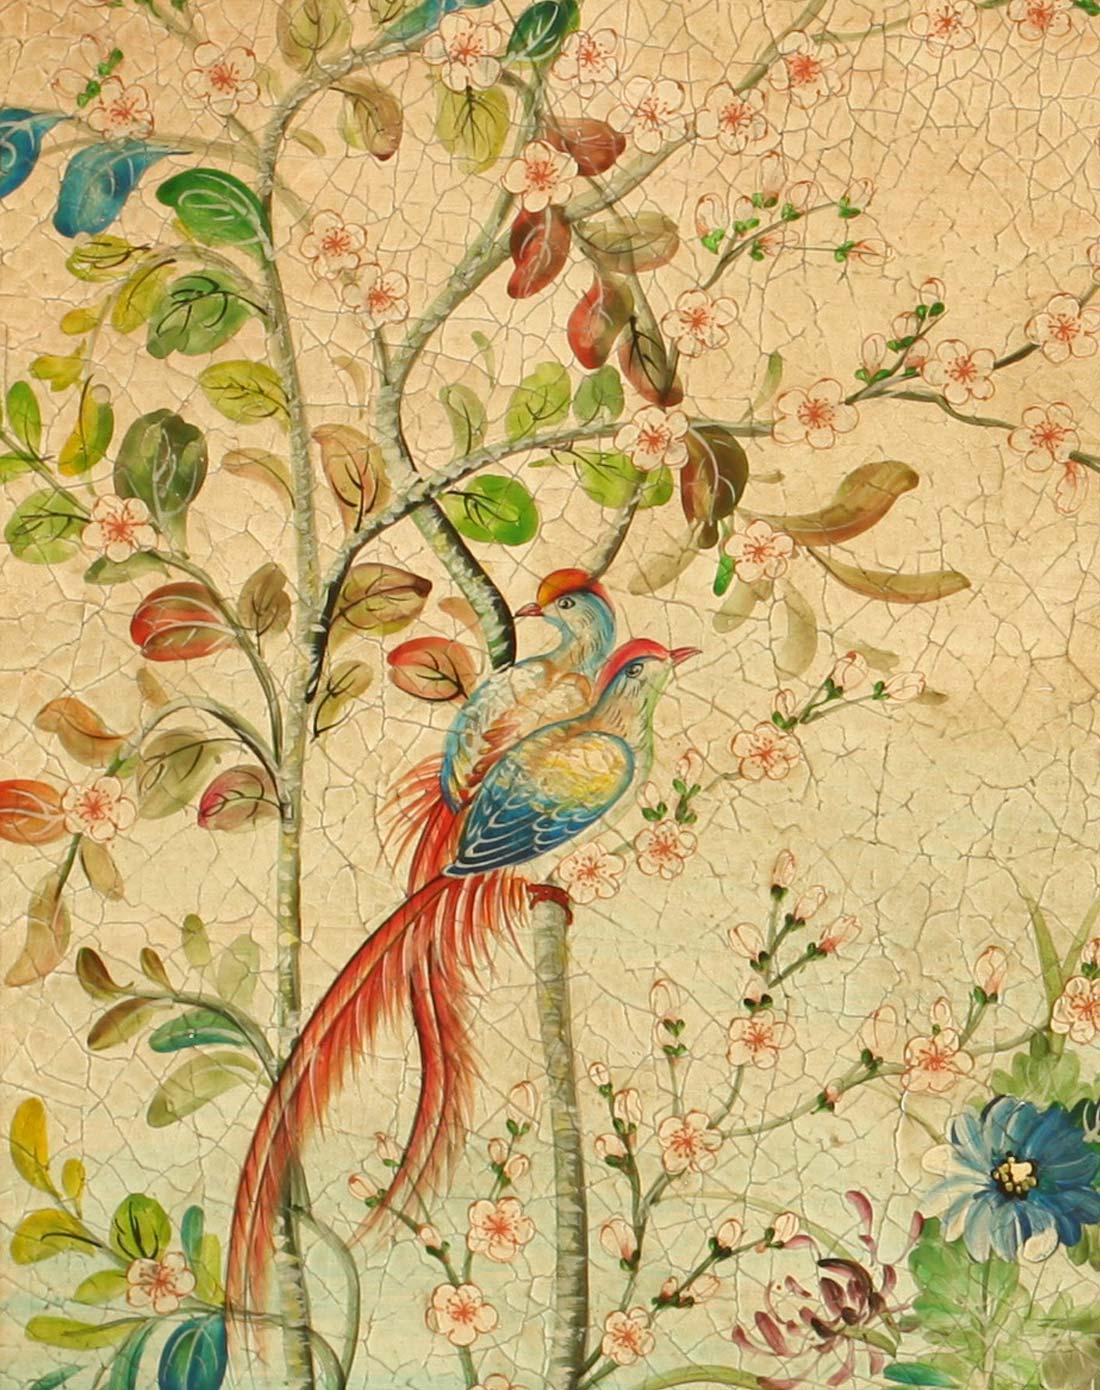 欧式手绘花鸟大型油画木制拱顶壁画装饰画2号